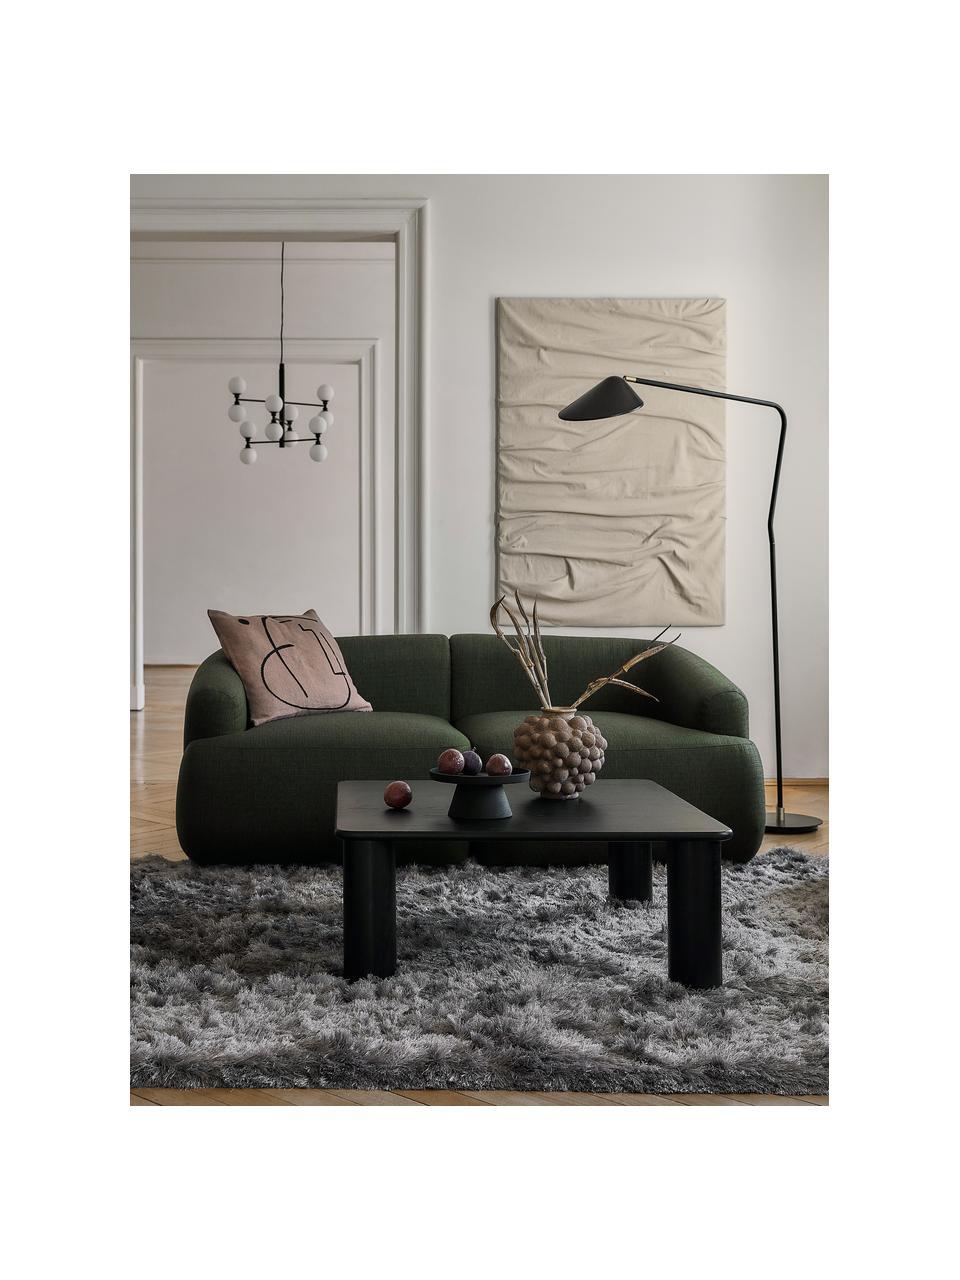 Lámpara de lectura grande Neron, Pantalla: metal con pintura en polv, Cable: cubierto en tela, Negro, An 105 x Al 171 cm